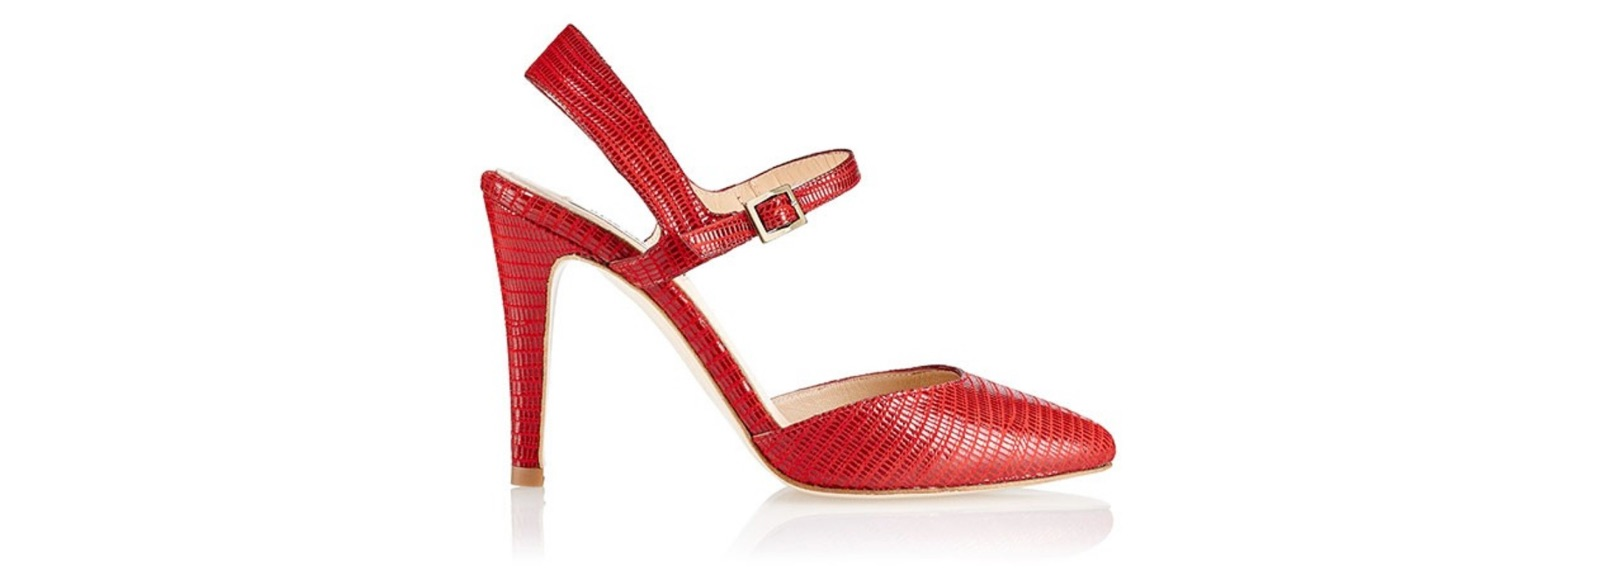 Zapato de tacón Jill Tejus Rojo - Miss García